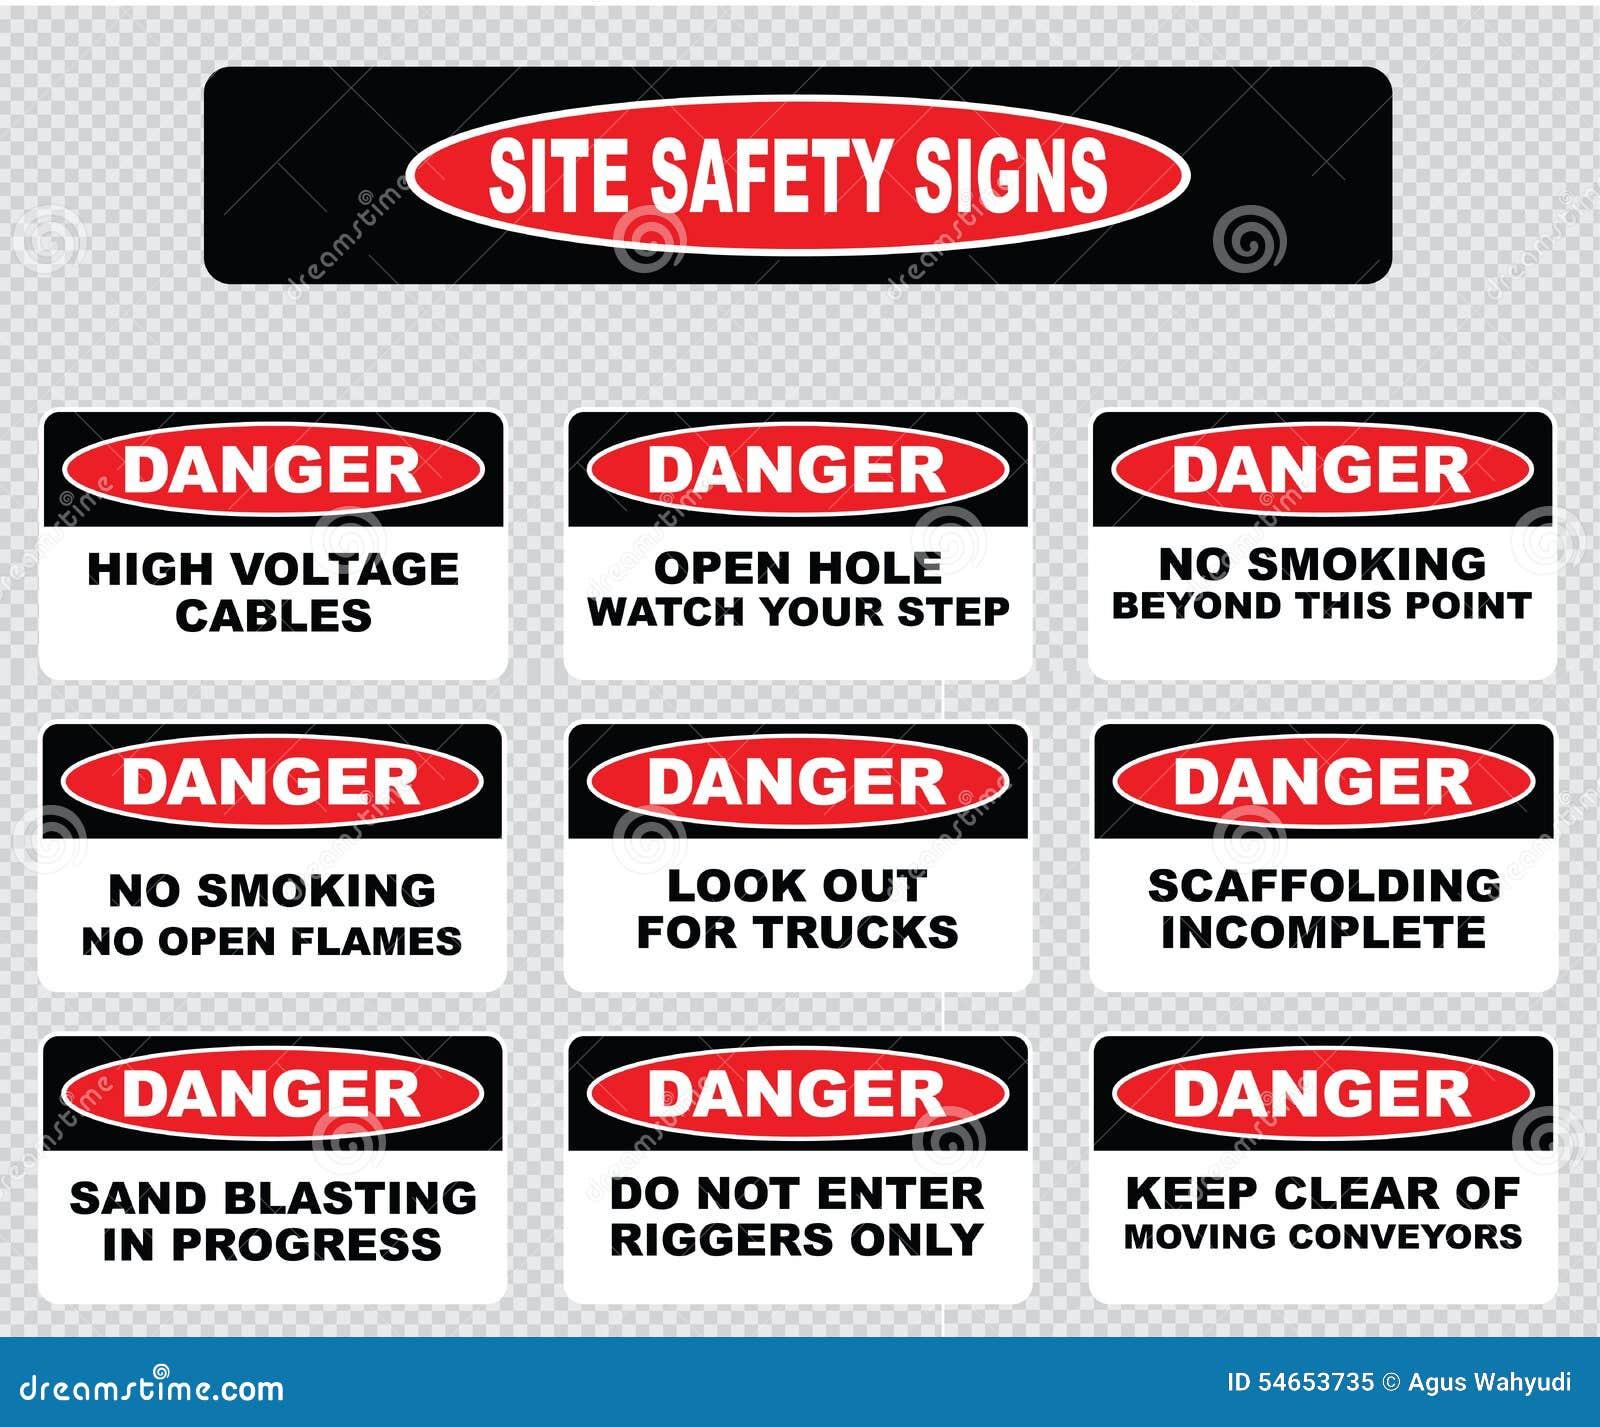 各种各样的危险标志,站点安全标志